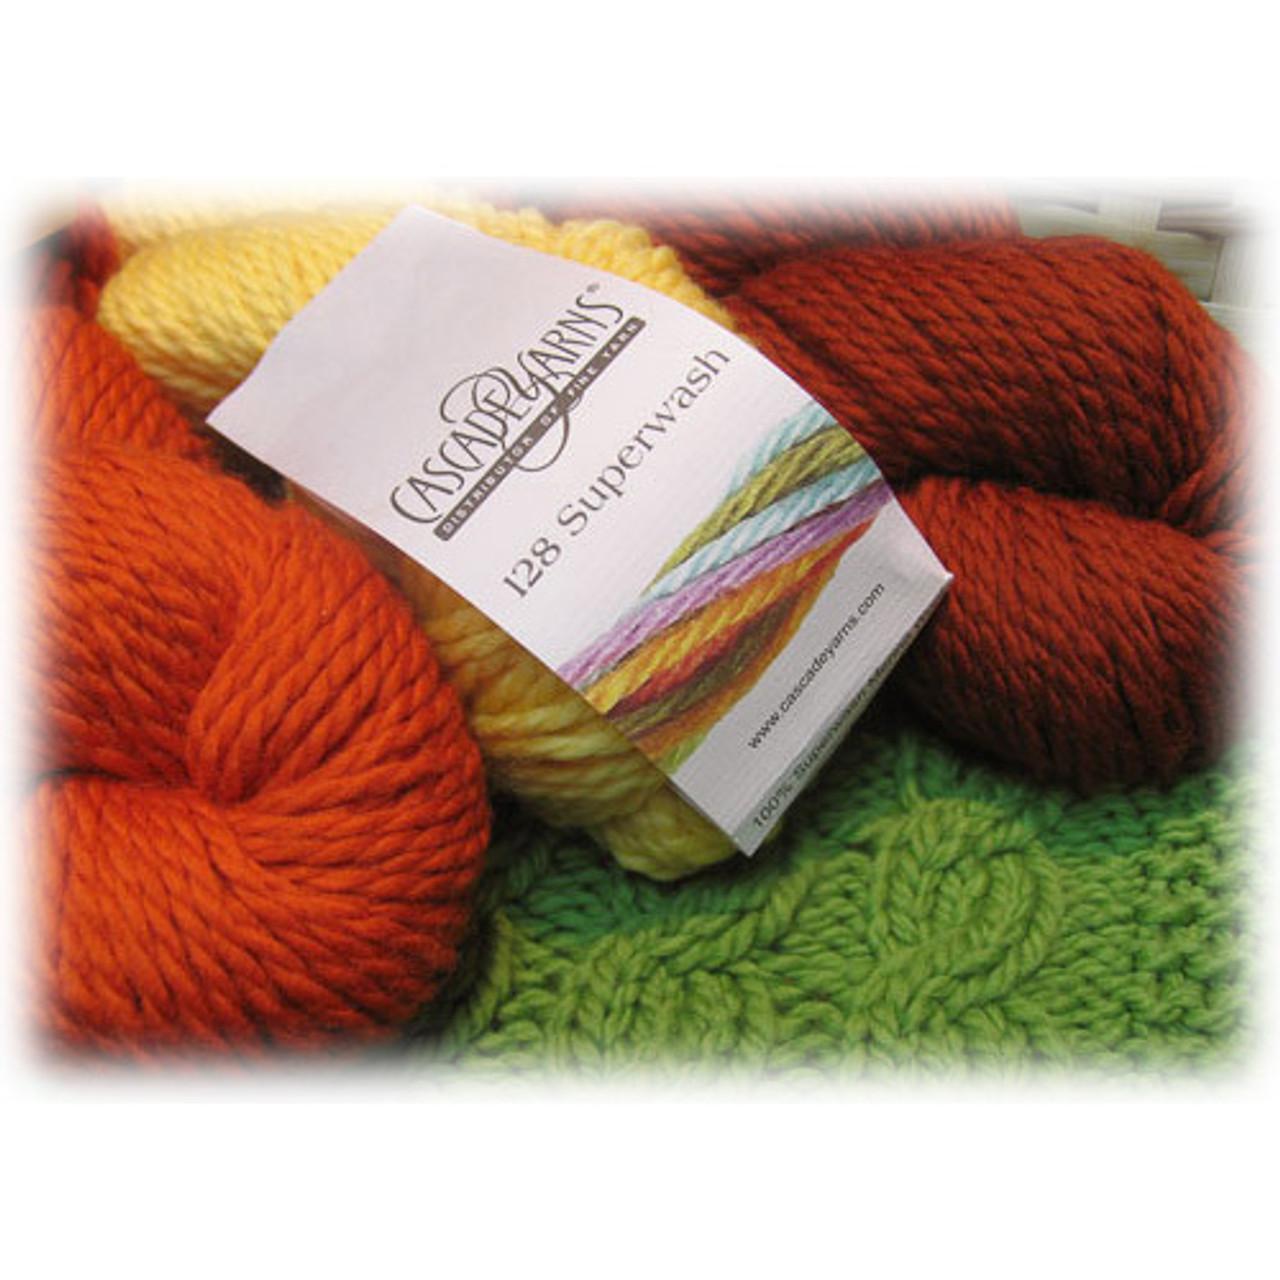 Cascade Yarn - 128 Superwash, 100% Superwash Merino - Bulky Weight